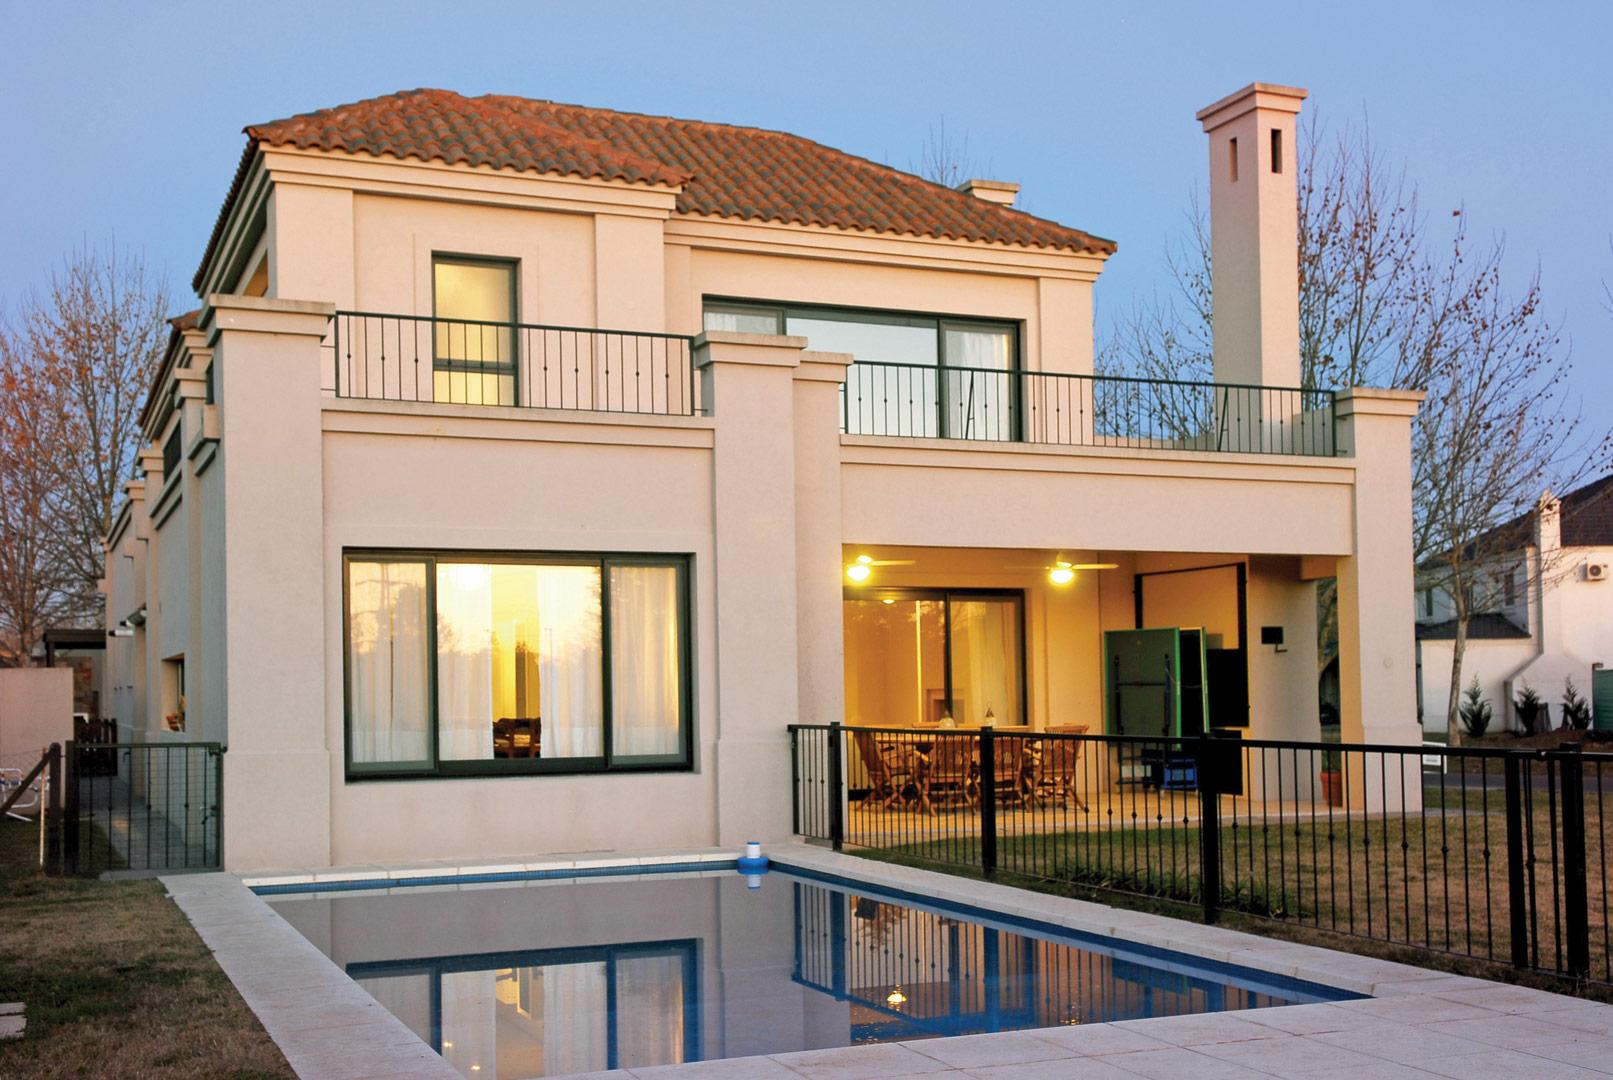 Marcela parrado arquitectura casa estilo neocl sico for Estilos de casas arquitectura